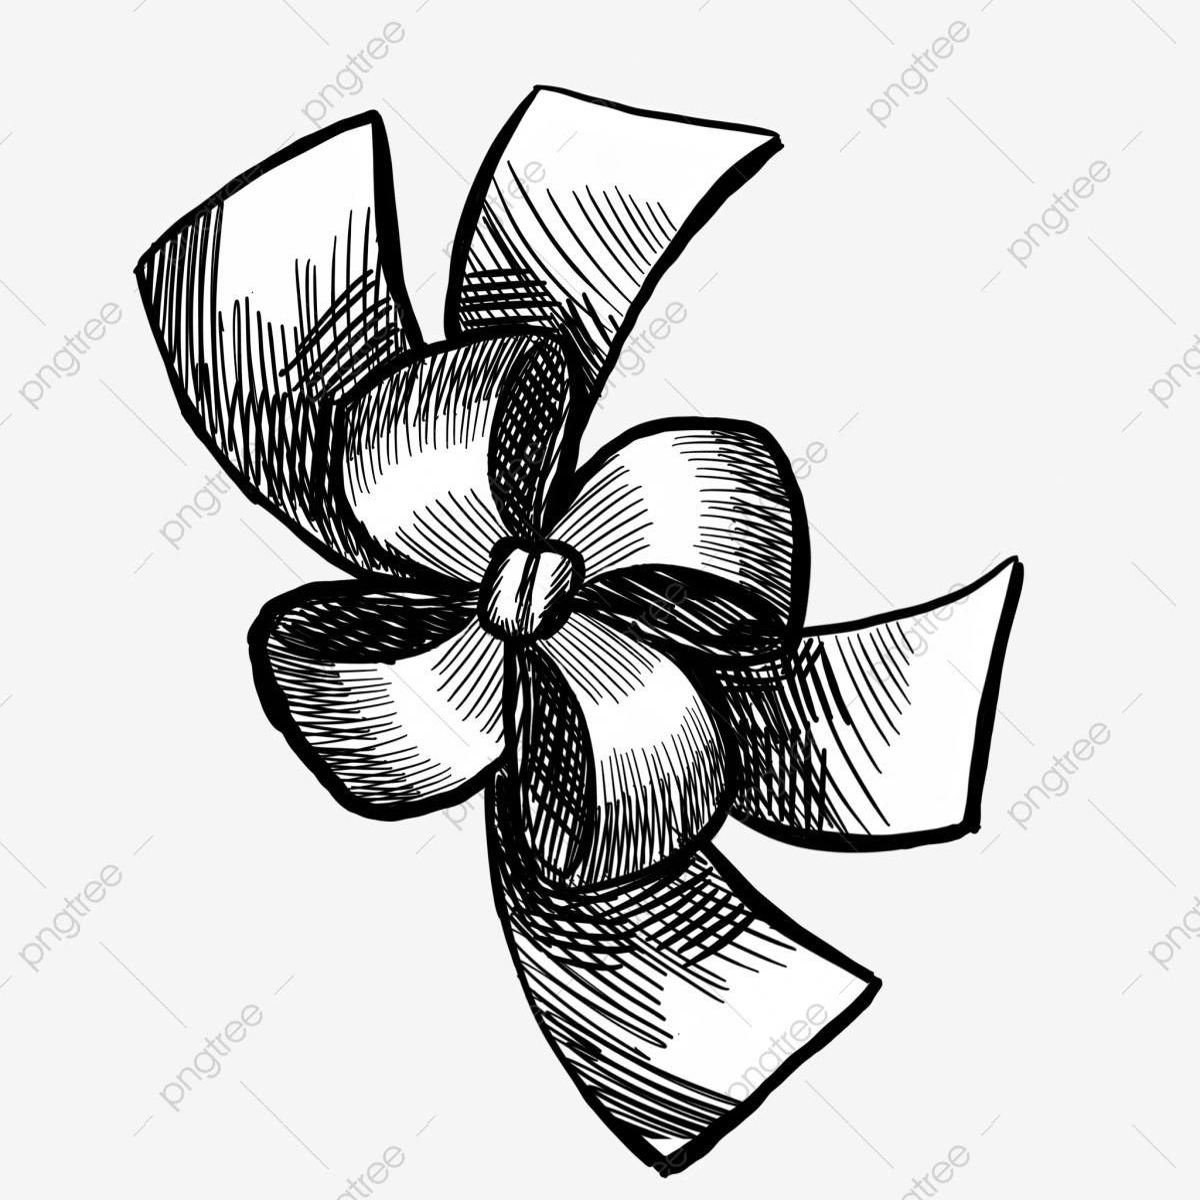 Disegni Geometrici Bianco E Nero bellissimo nodo di fiori stile bianco e nero disegno in